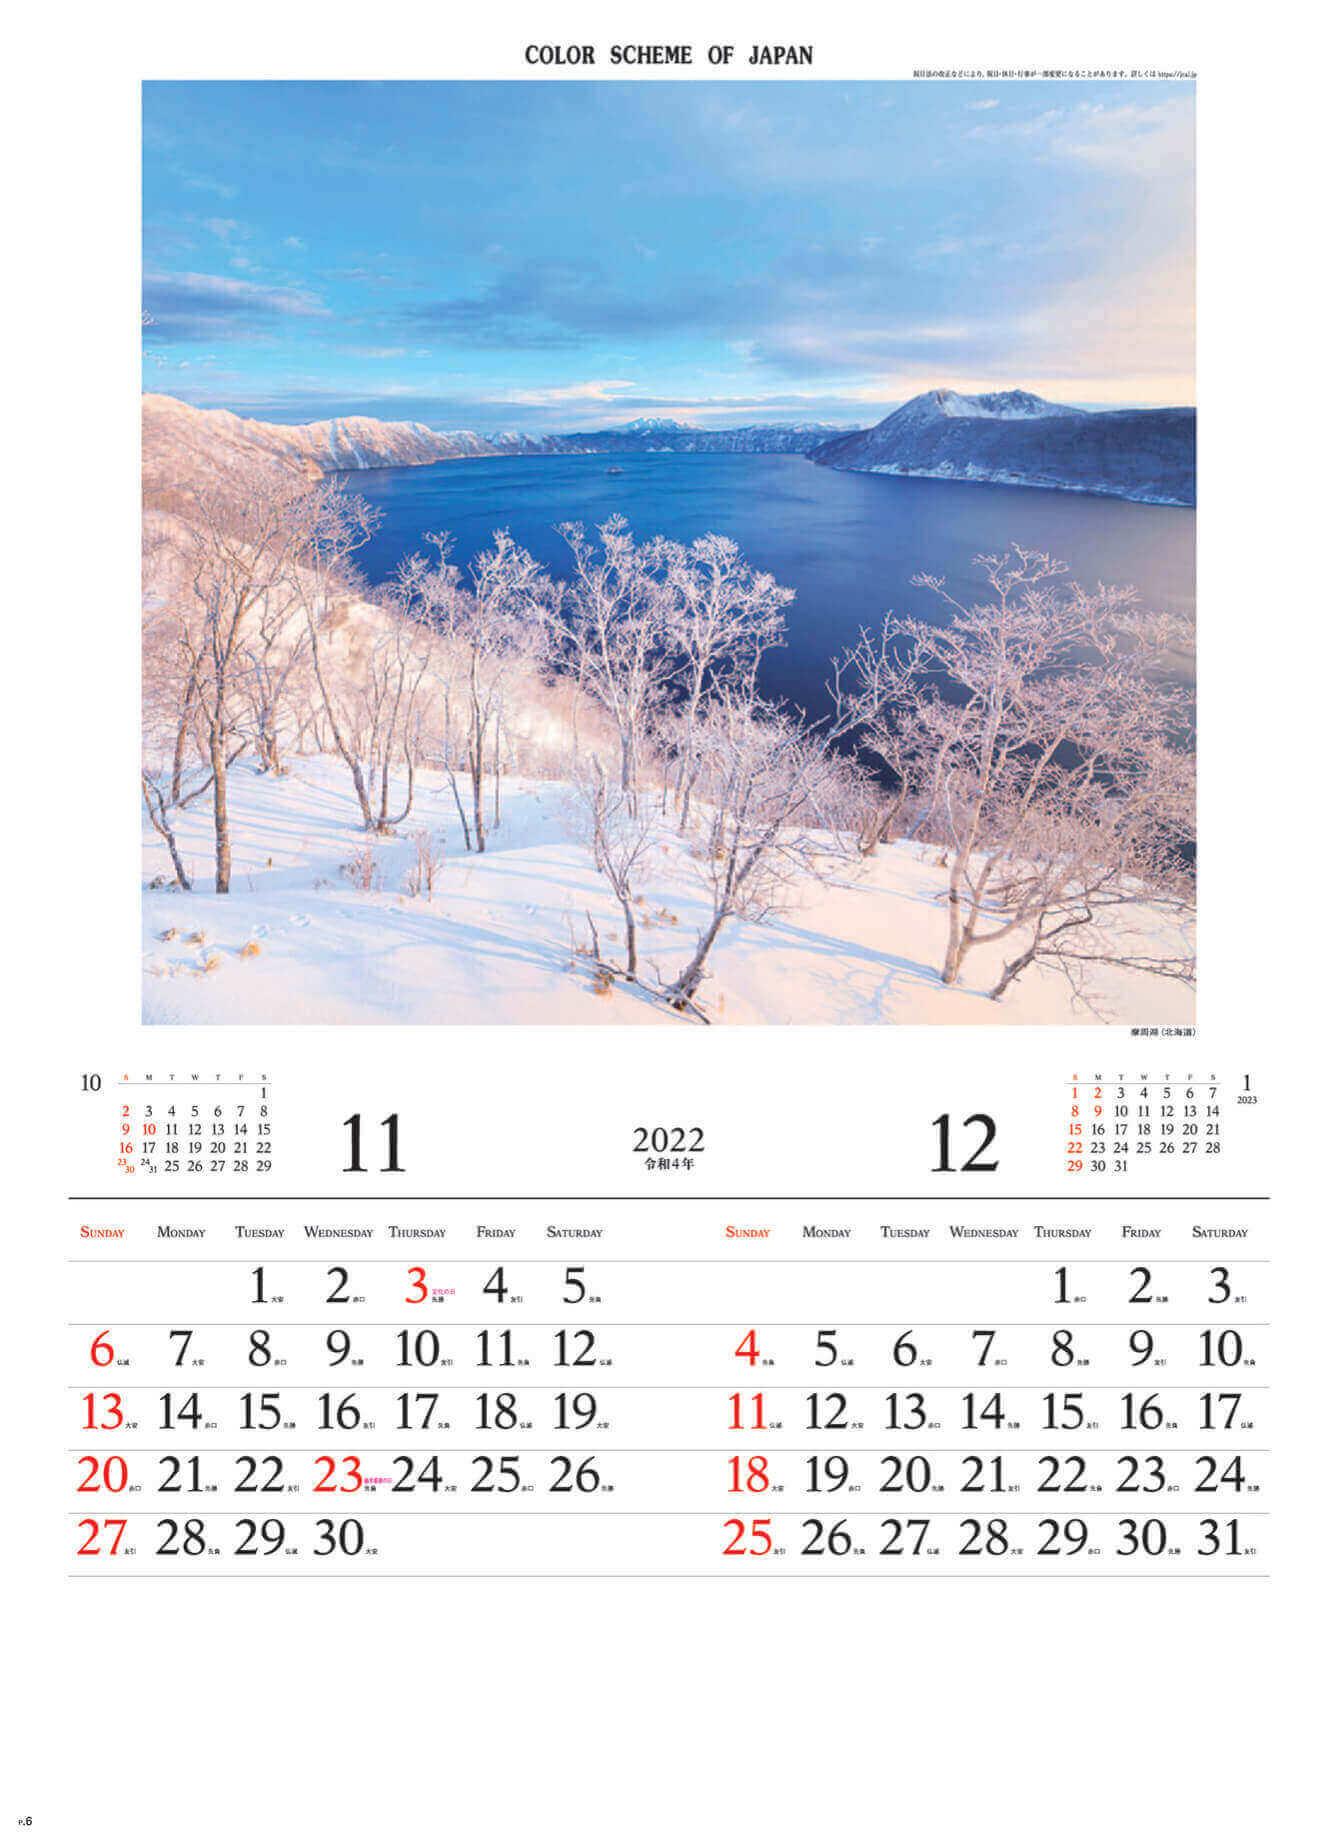 摩周湖(北海道) 彩 2022年カレンダーの画像